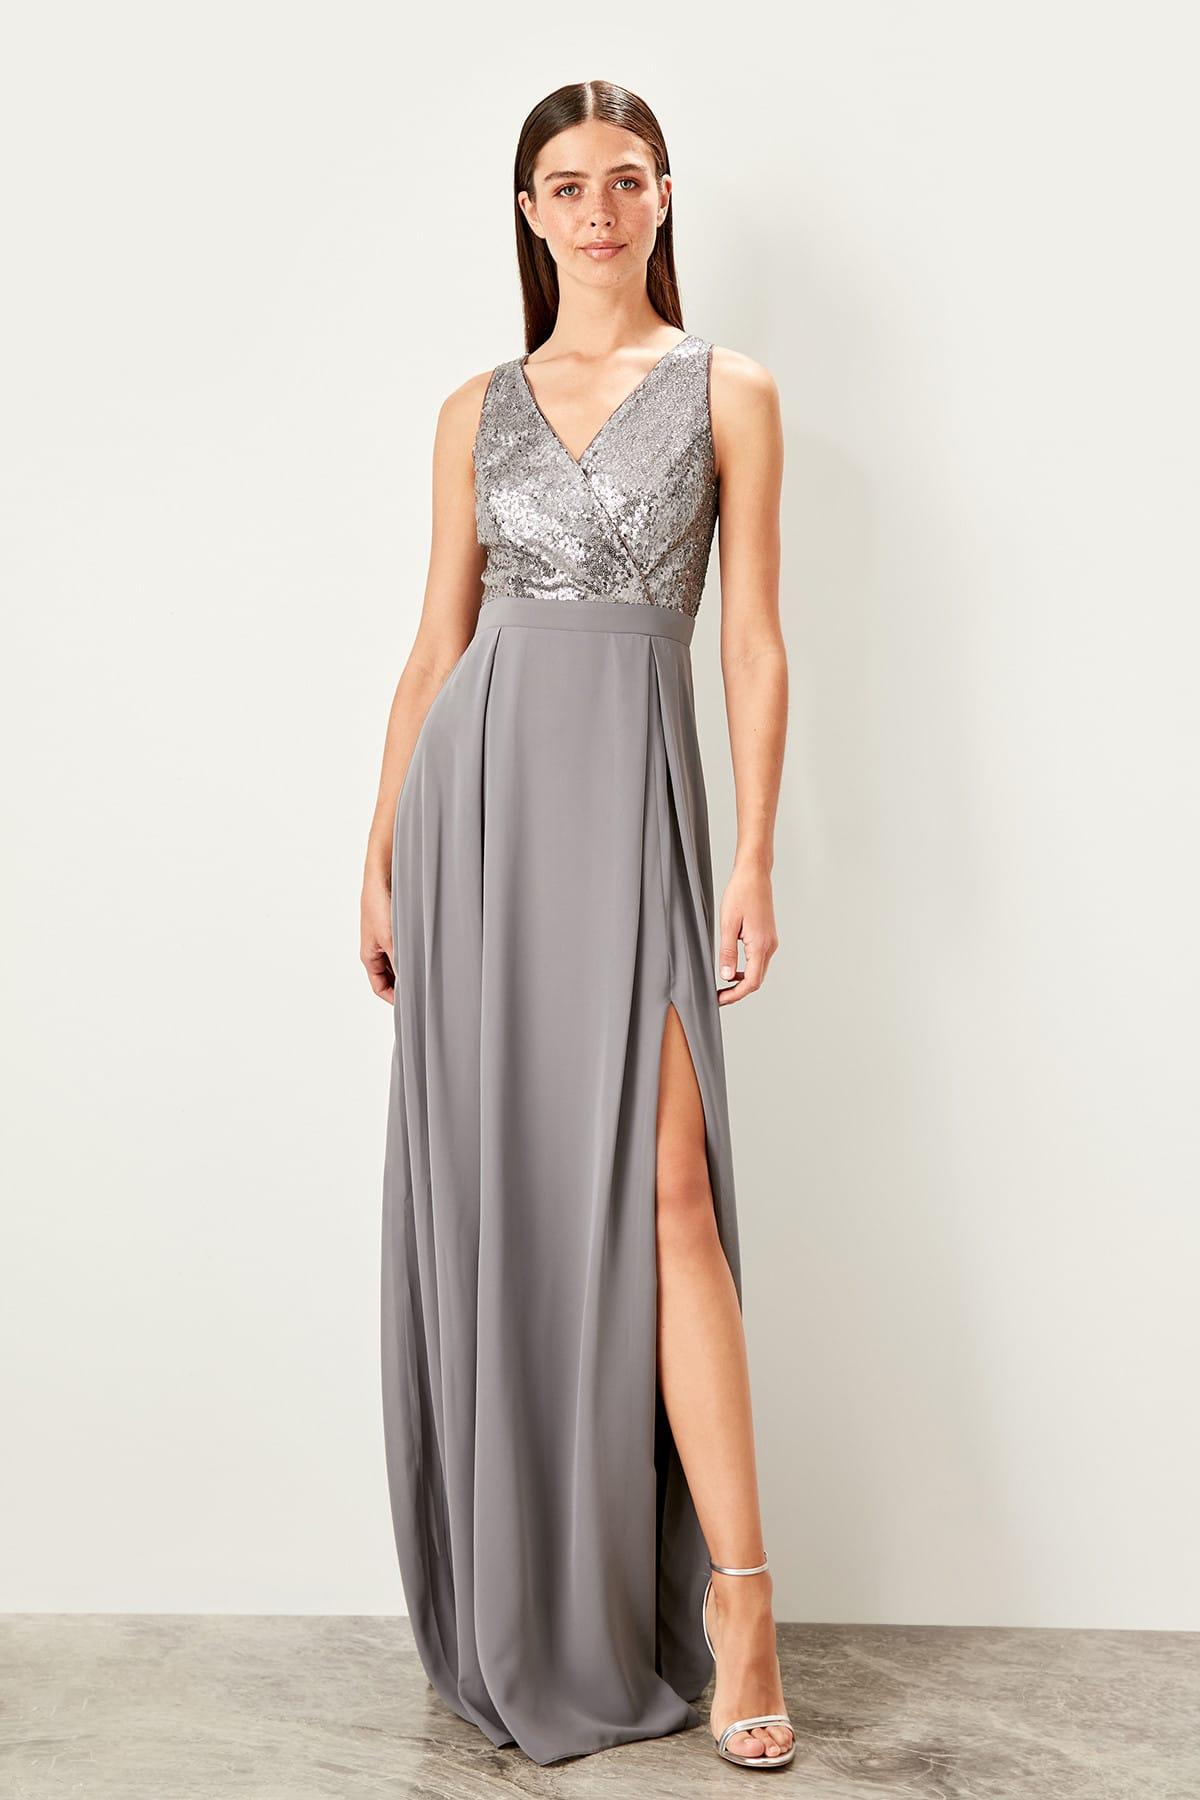 Trendyol dámske večerné šaty s flitrami